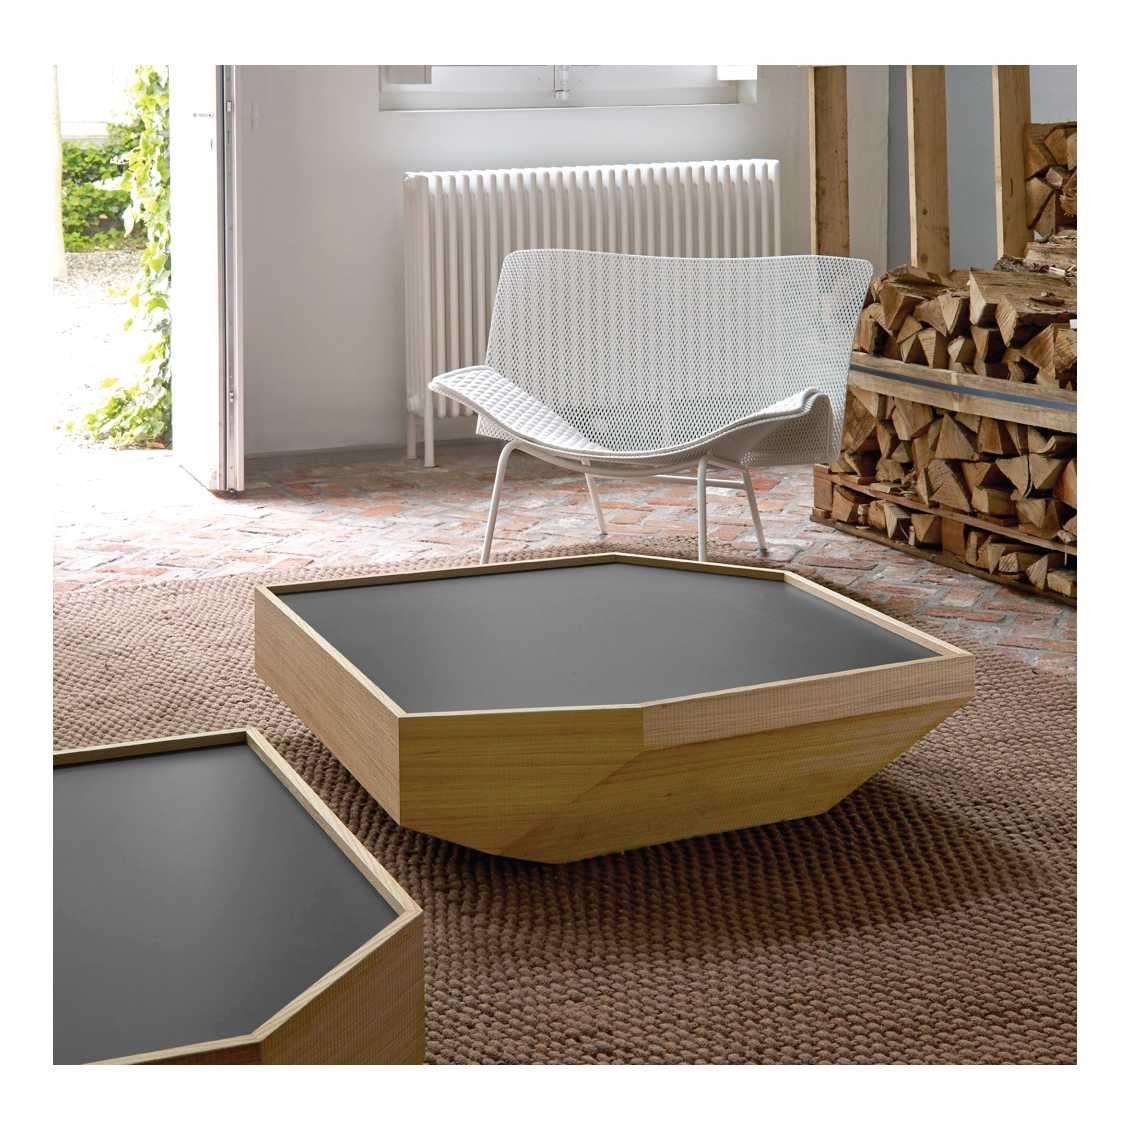 Deze aparte #salontafel van #Ligne #Roset is gecombineerd met ruw en gelakt hout. Een geweldig resultaat! #Numéro #III met het ontwerp #Poppy #Patterson.